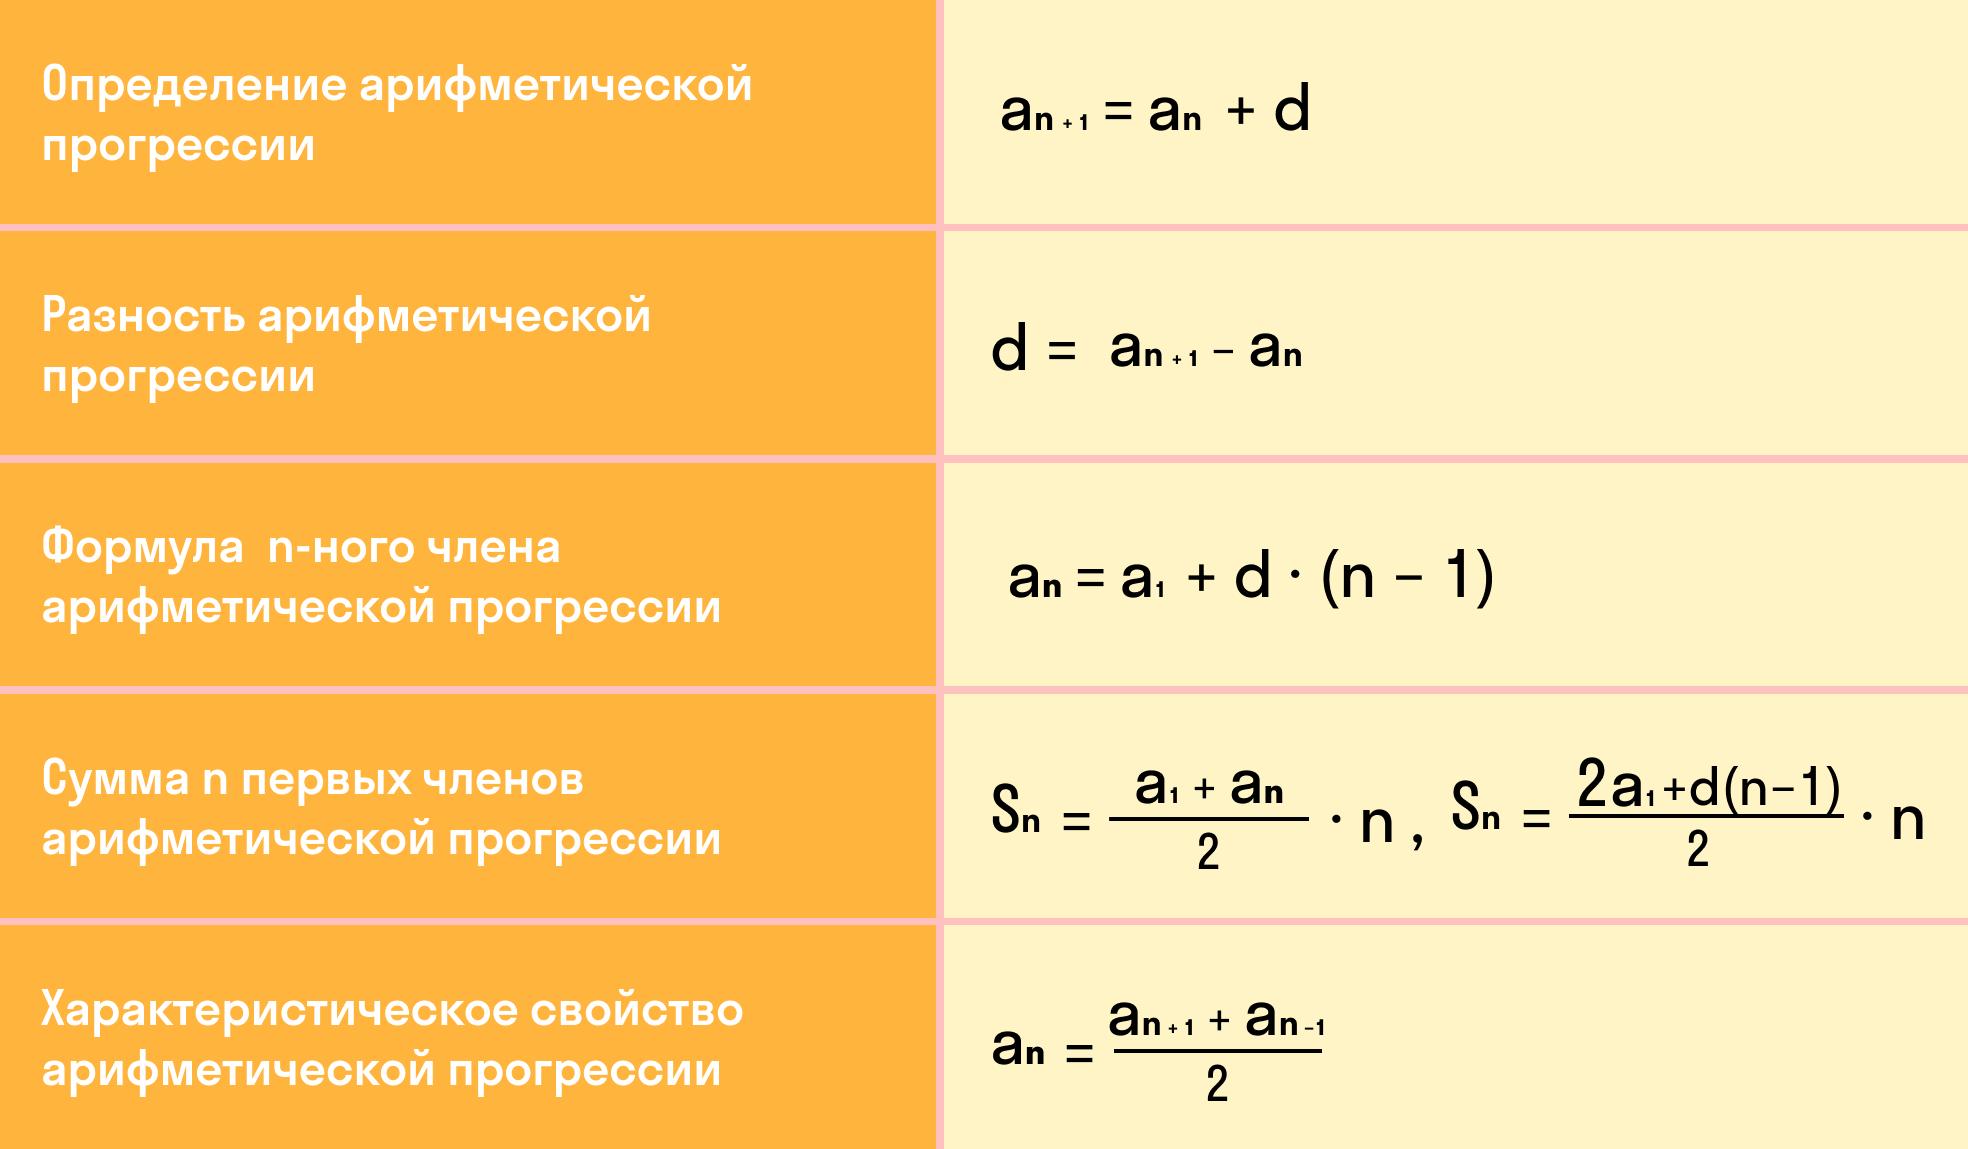 таблица с основными определениями